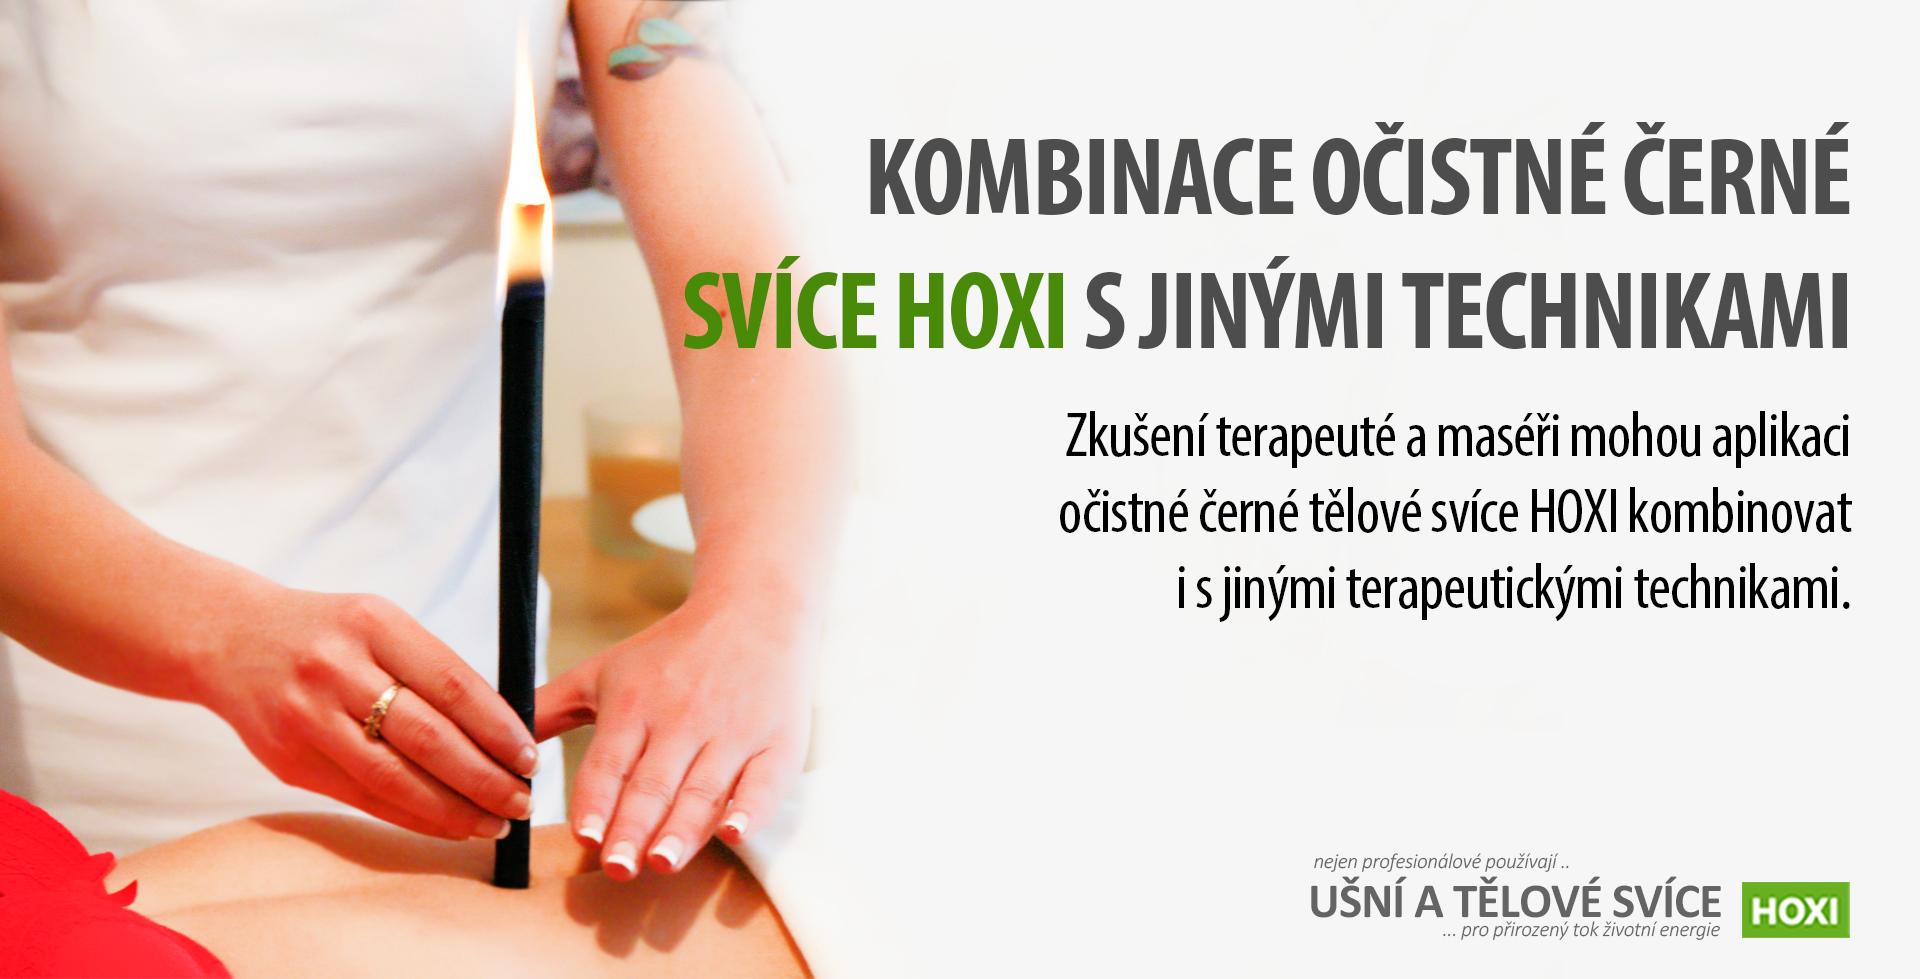 HOXI-ušní-a-tělové-svíce- Kombinace očistné černé tělové svíce HOXI s jinými technikami